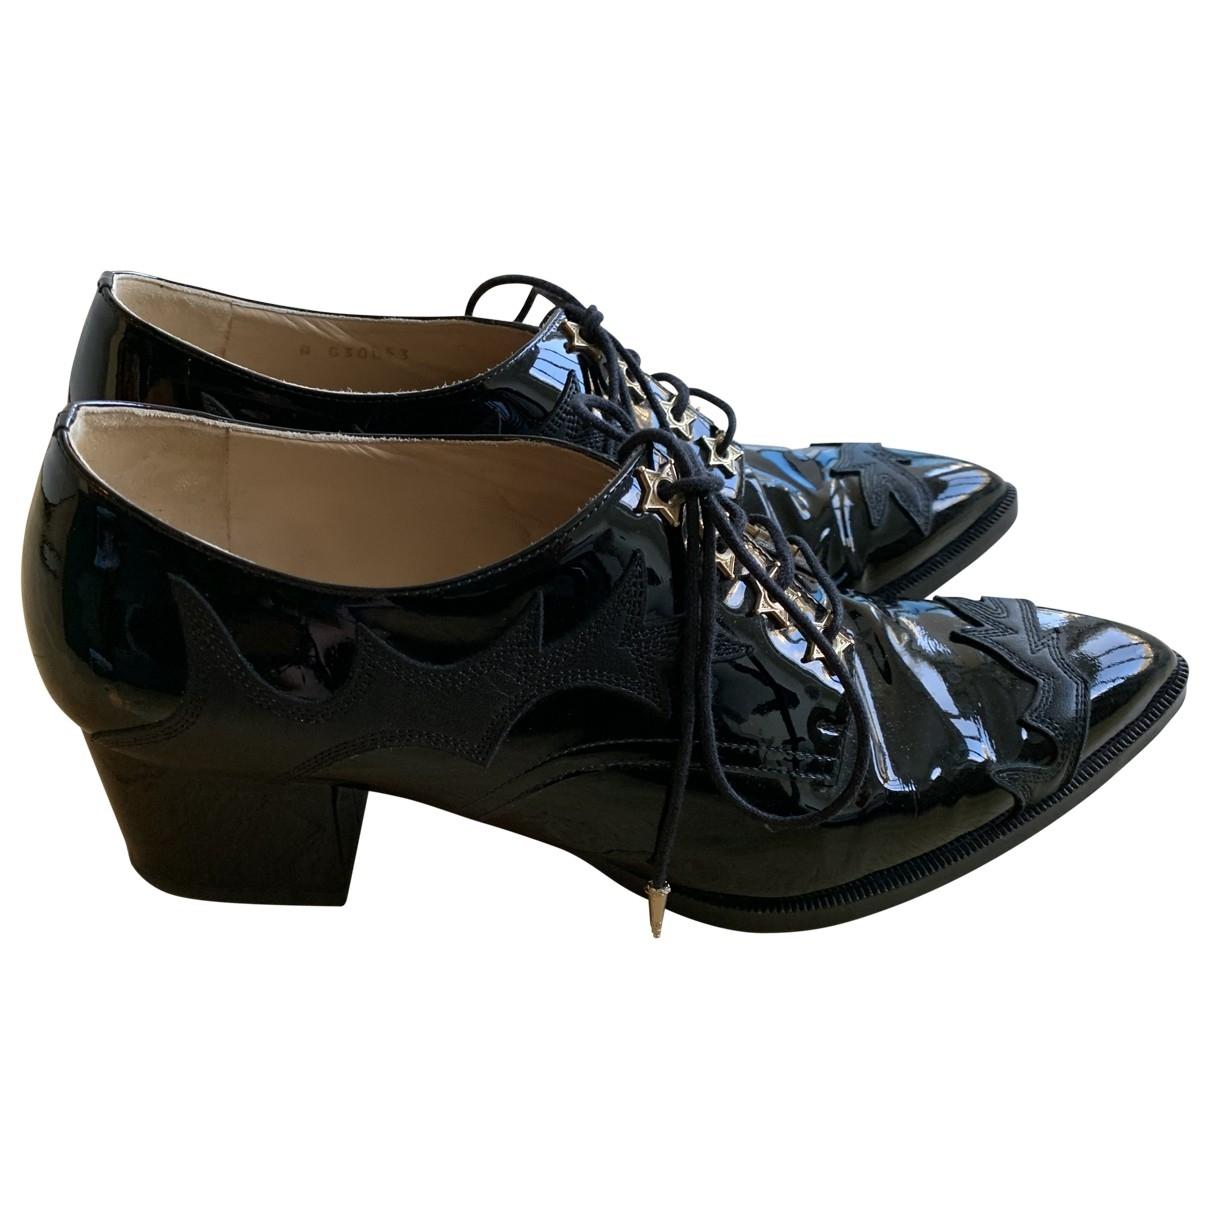 Chanel - Derbies   pour femme en cuir verni - noir